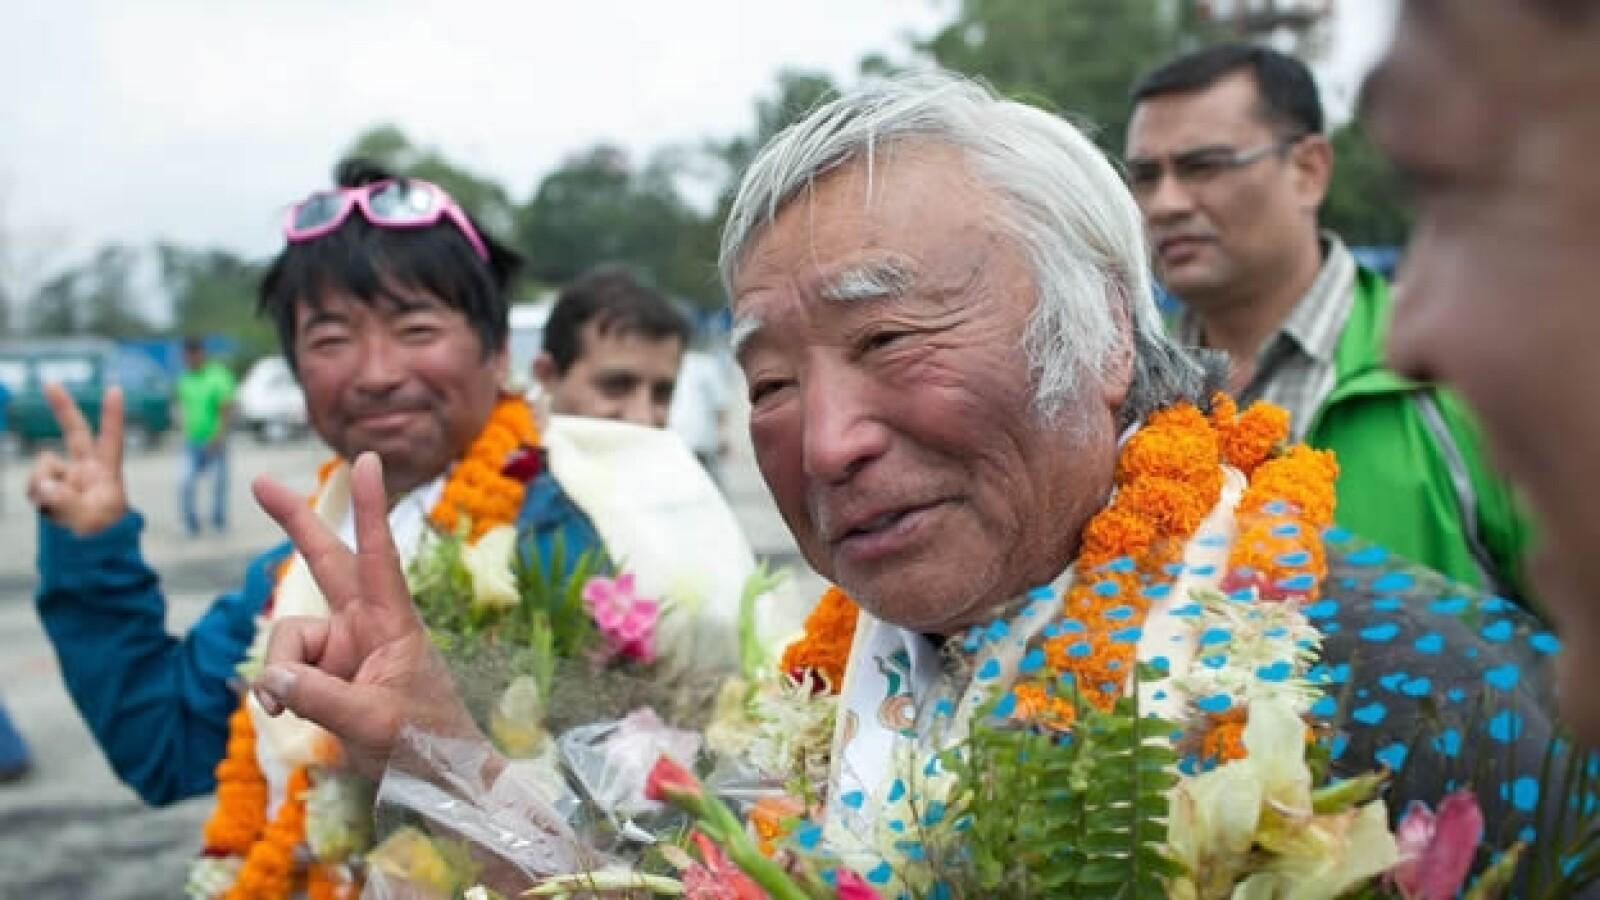 Yuichiro miura, de 80 años